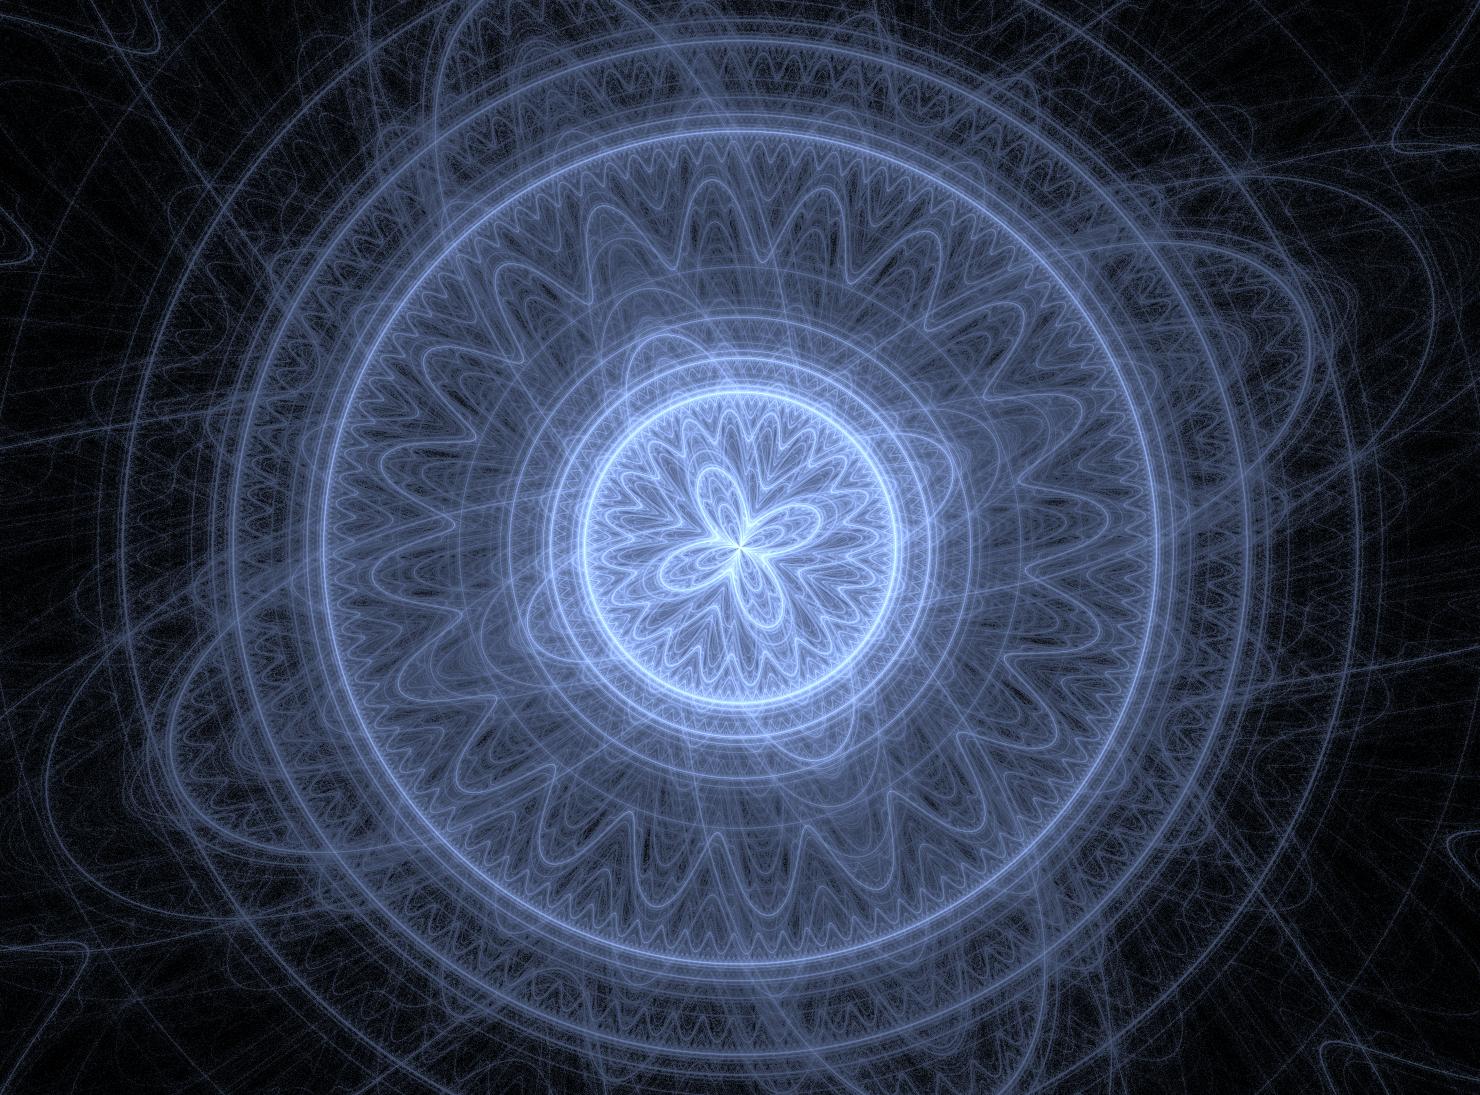 210804-曼荼羅と魔法陣の壁紙素材